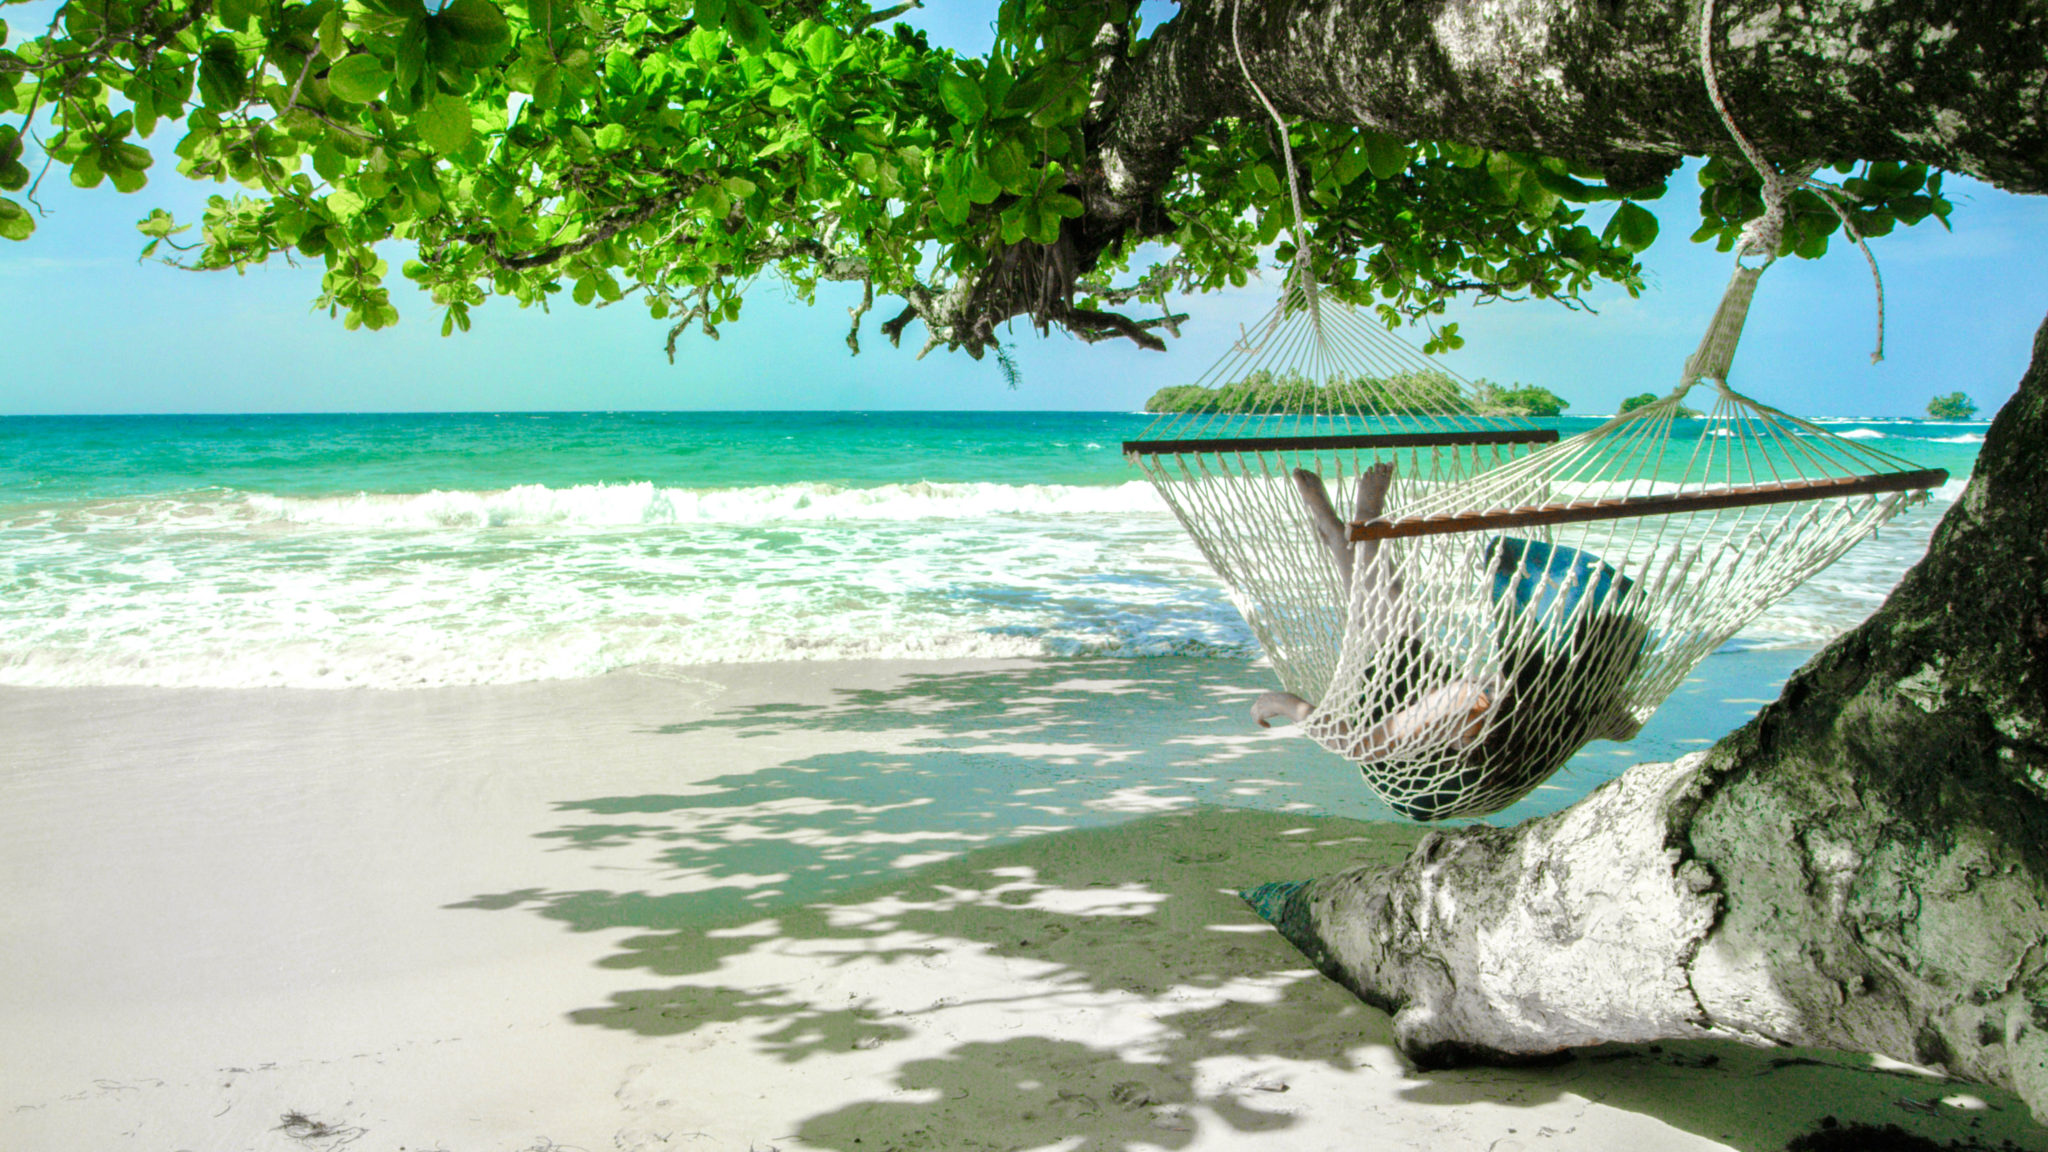 Hammock Beach in Panama